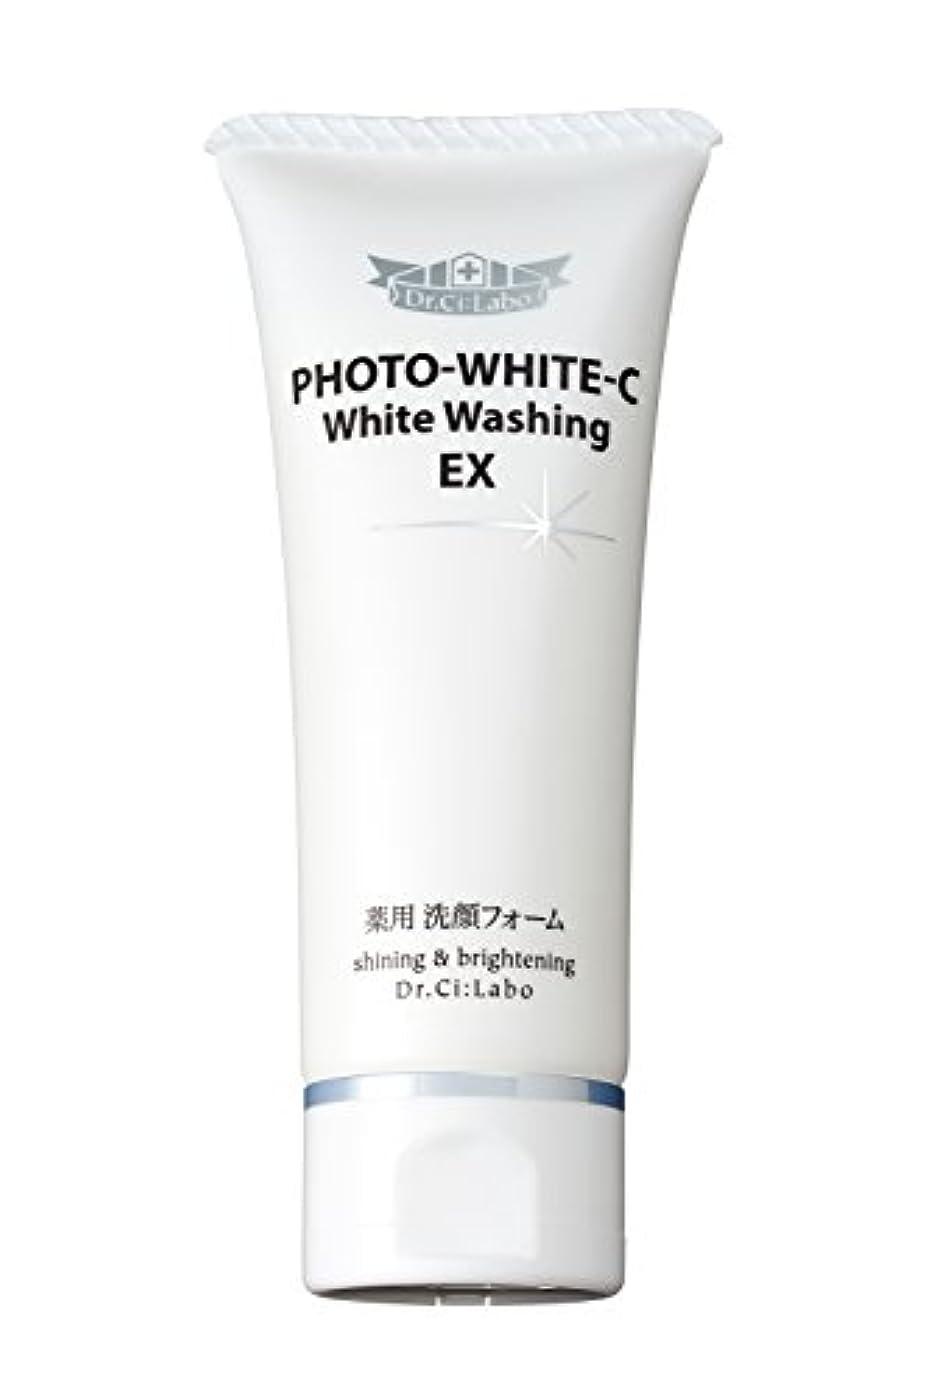 悪のレキシコンテロリストドクターシーラボ フォトホワイトC薬用ホワイトウォッシングEX 90g 洗顔フォーム [医薬部外品]